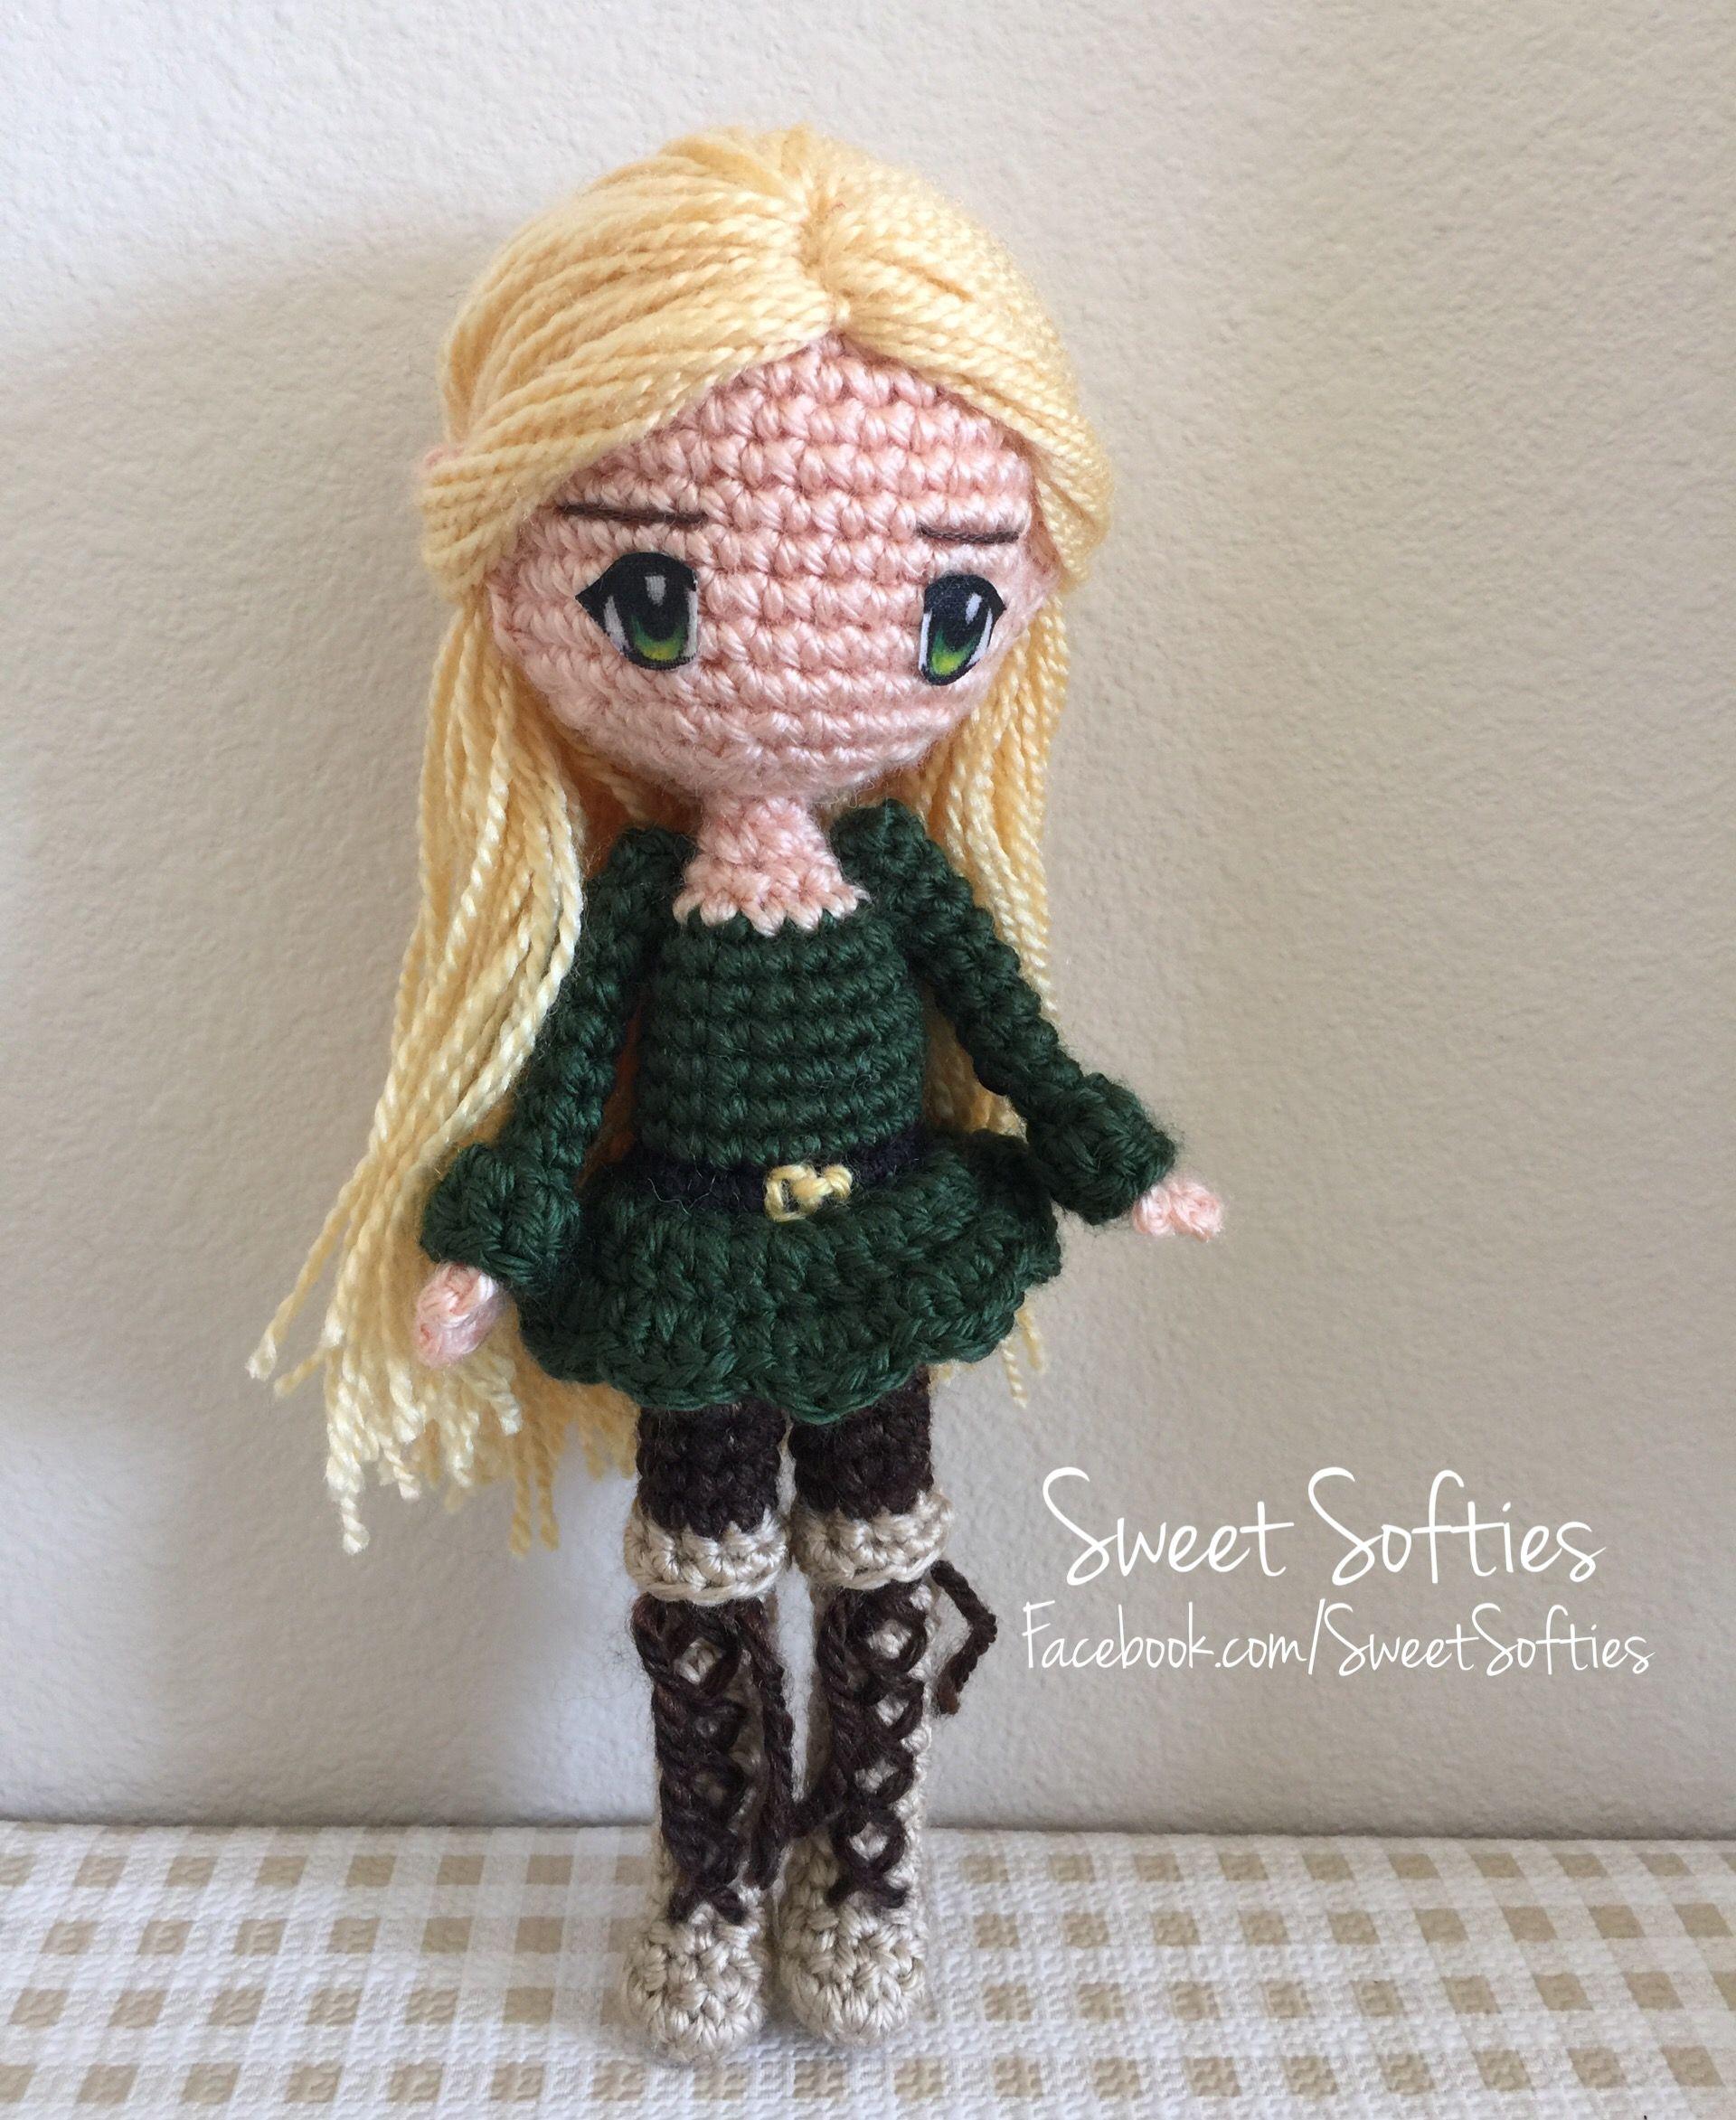 Amigurumi Human : Amigurumi crochet elf elven anime style doll kawaii sweet ...